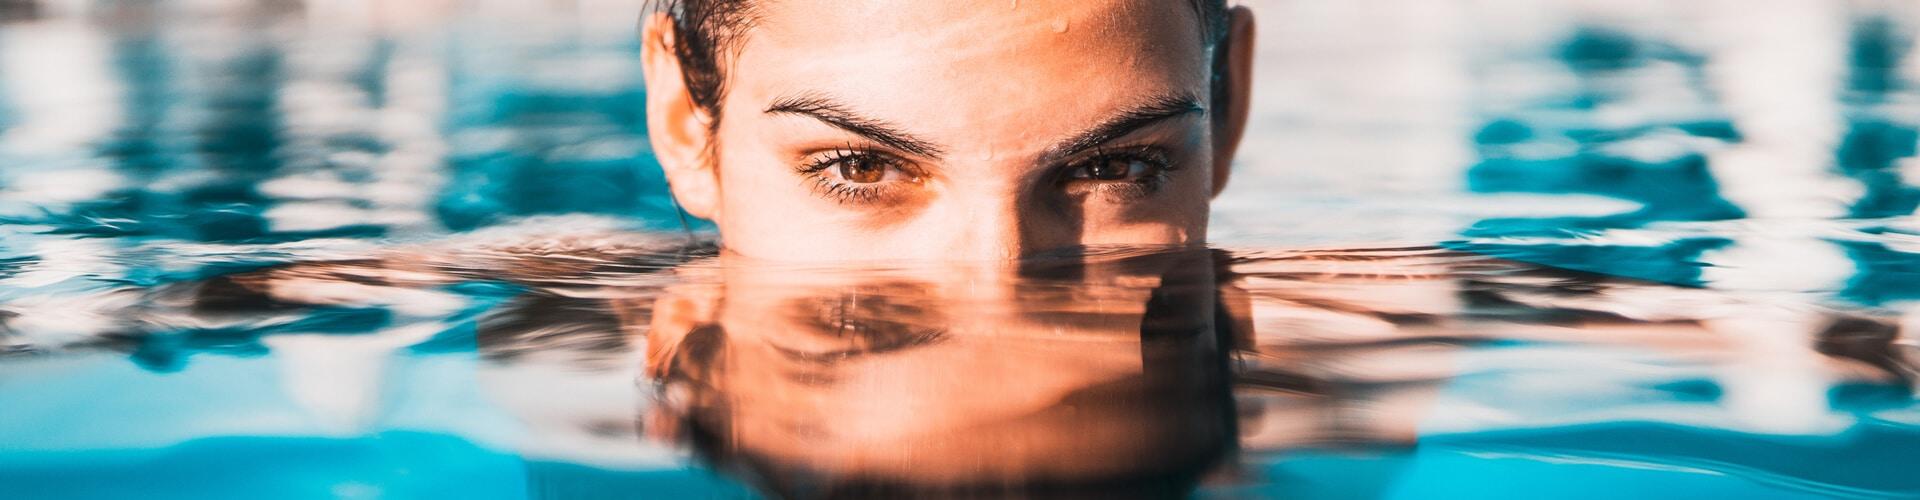 Ácido Hialurônico é responsável pela hidratação da pele